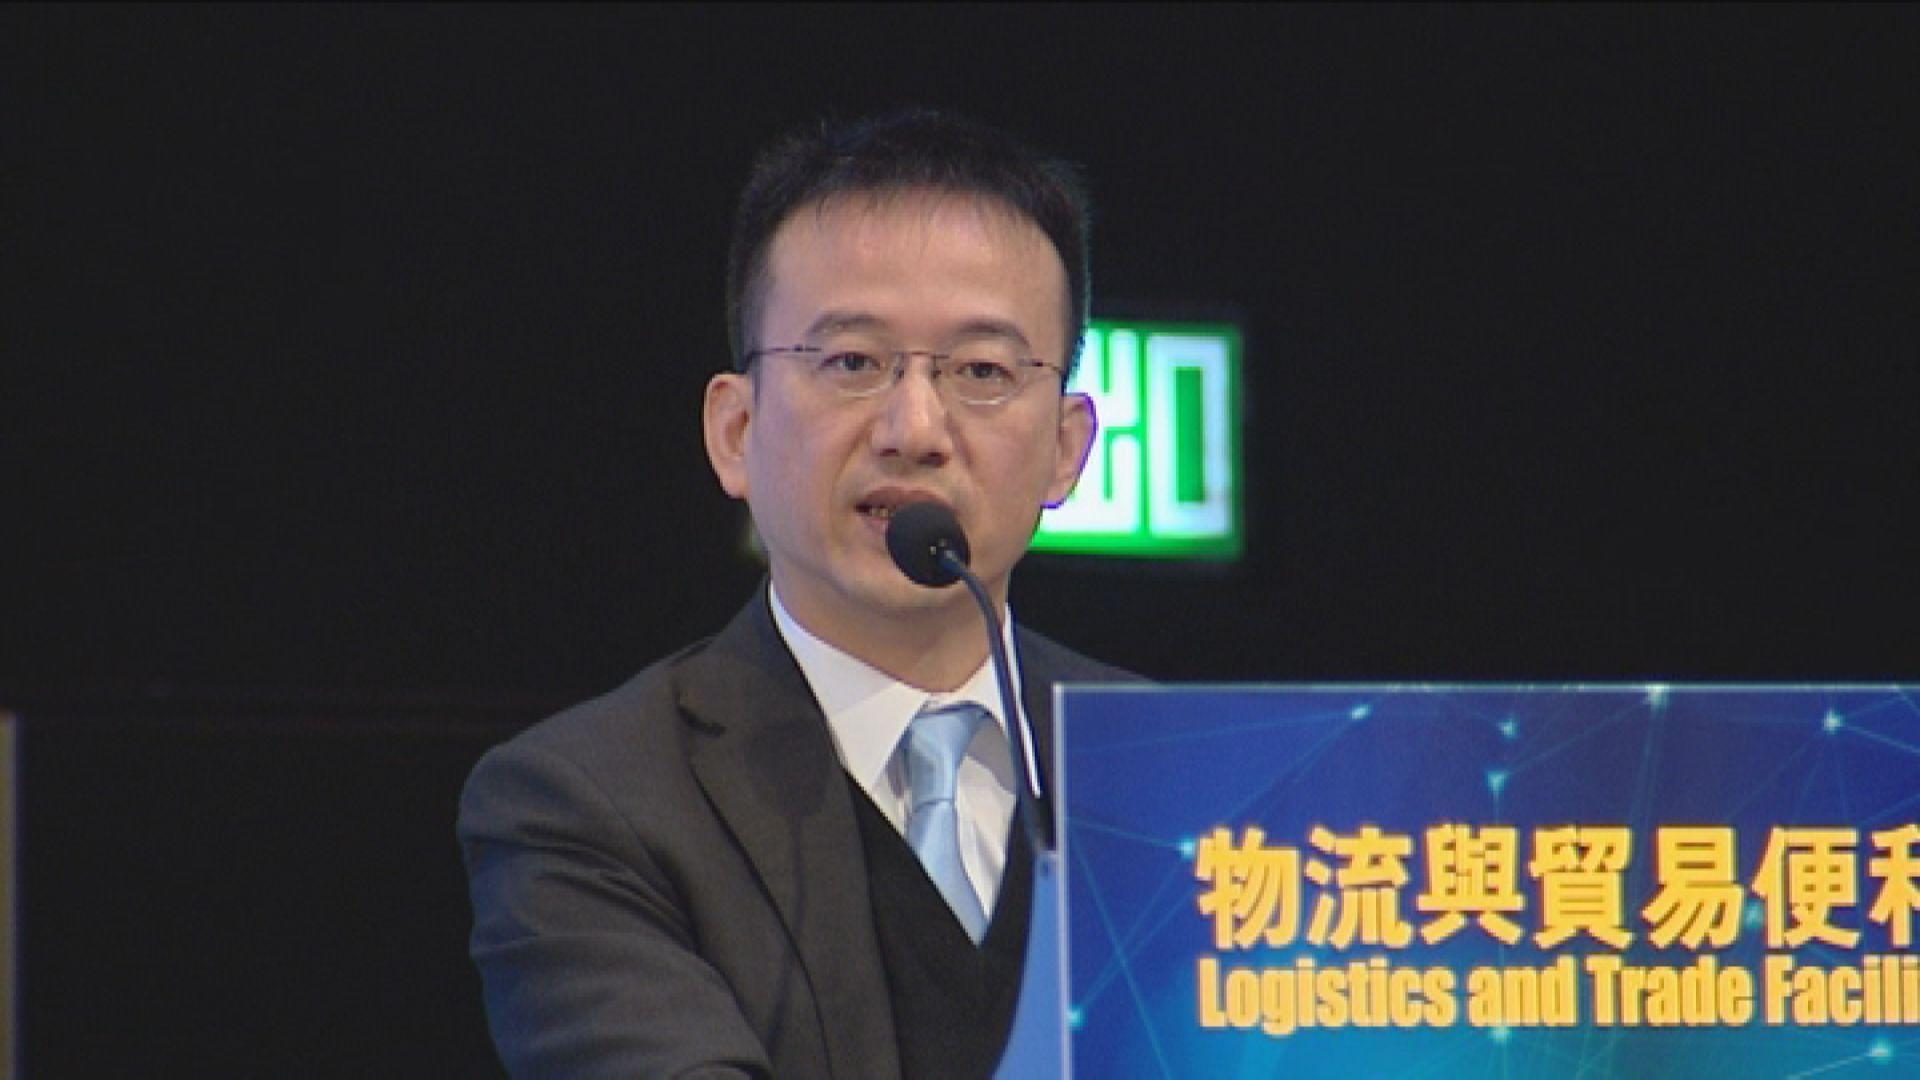 政制局副局長陳帥夫因健康問題請辭